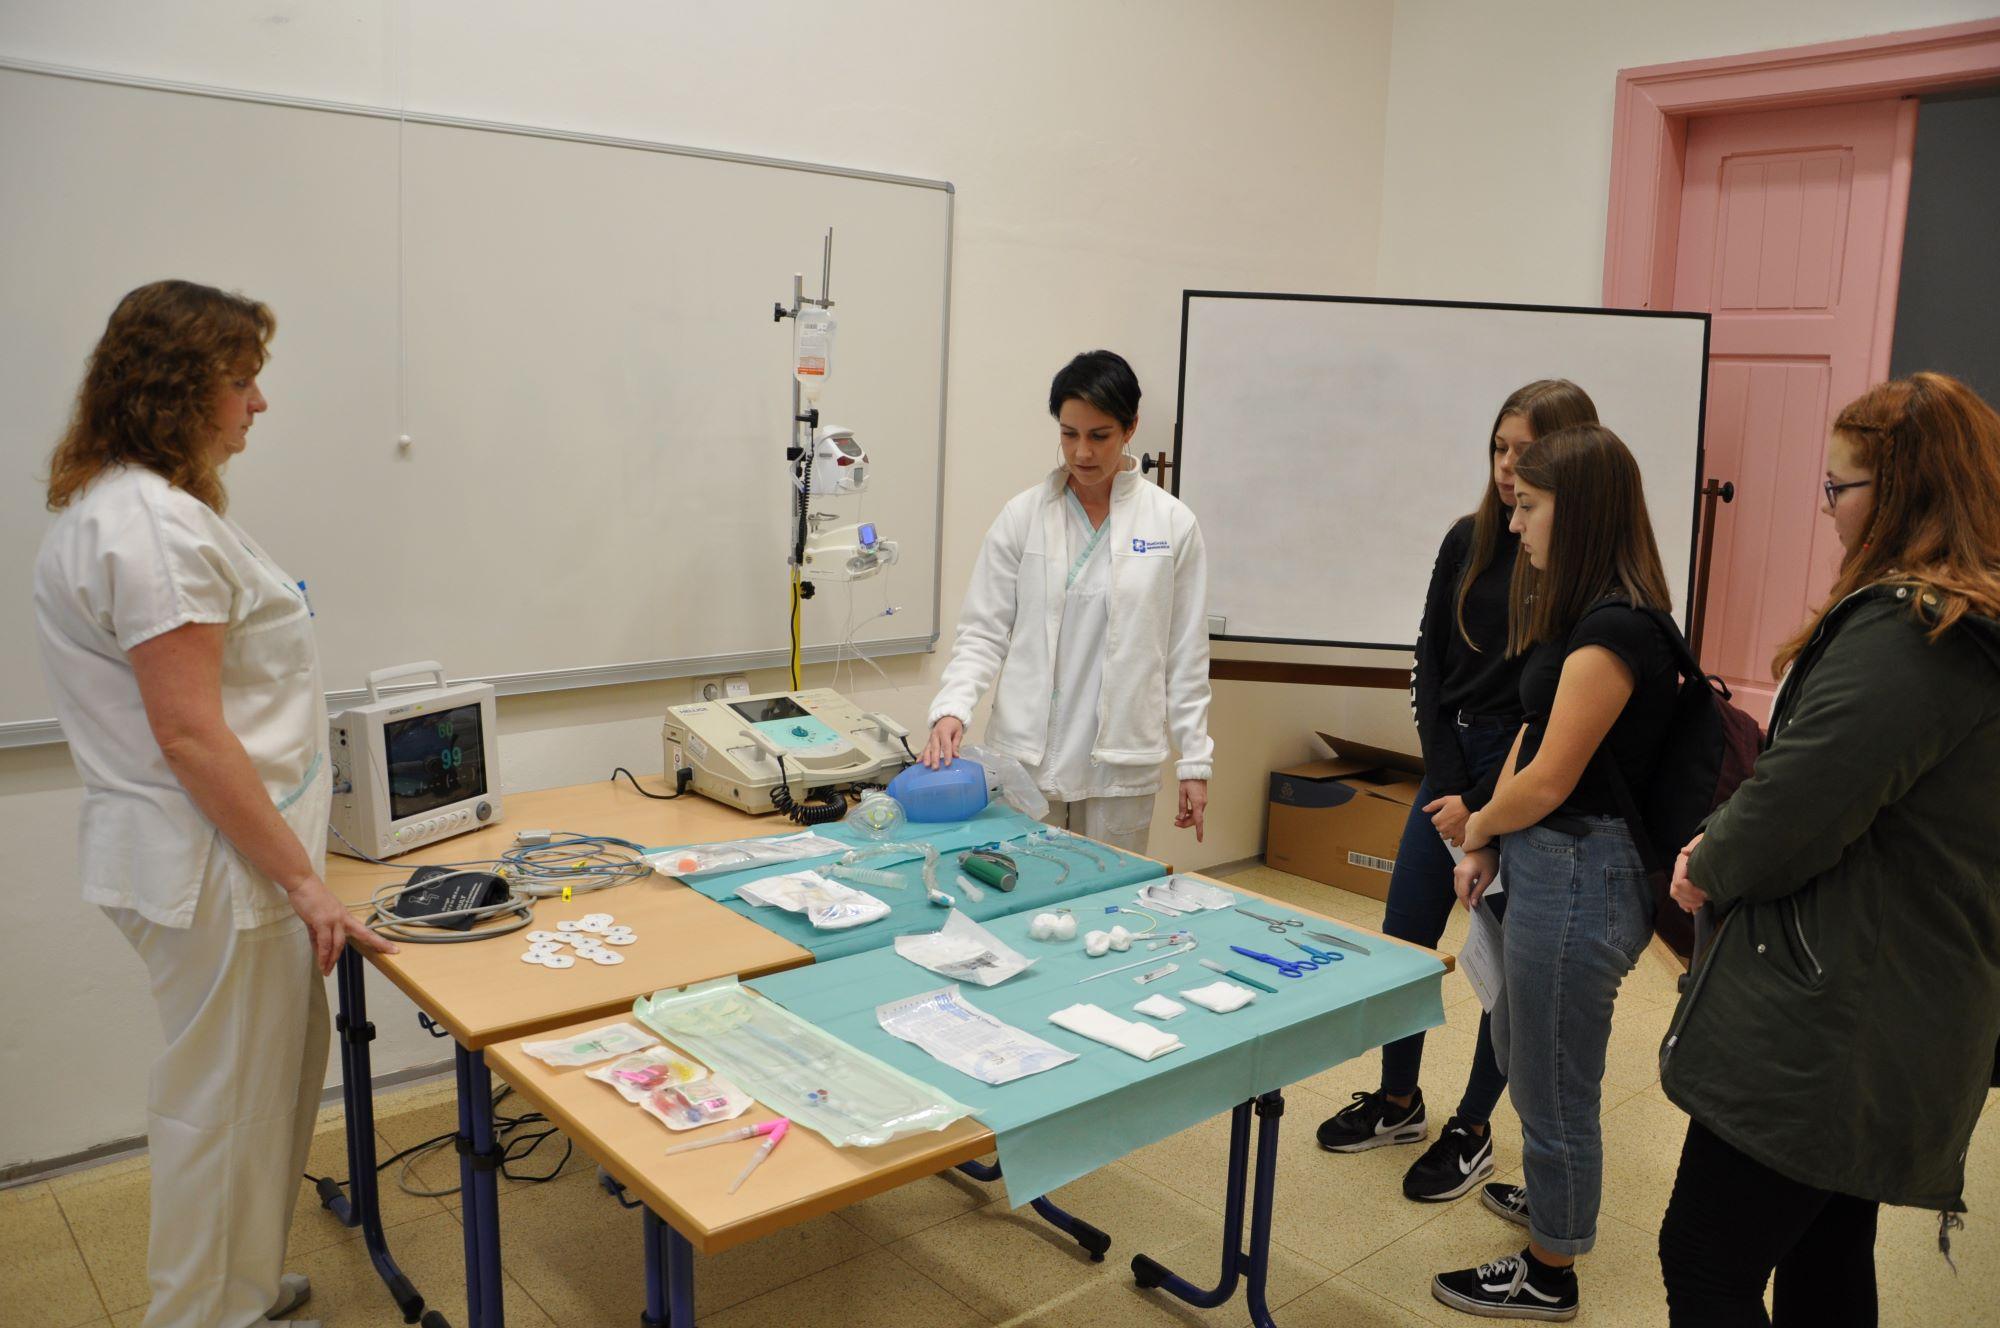 Vsetínská nemocnice přiblíží žákům základních škol práci zdravotníků  na neurologii a rehabilitaci